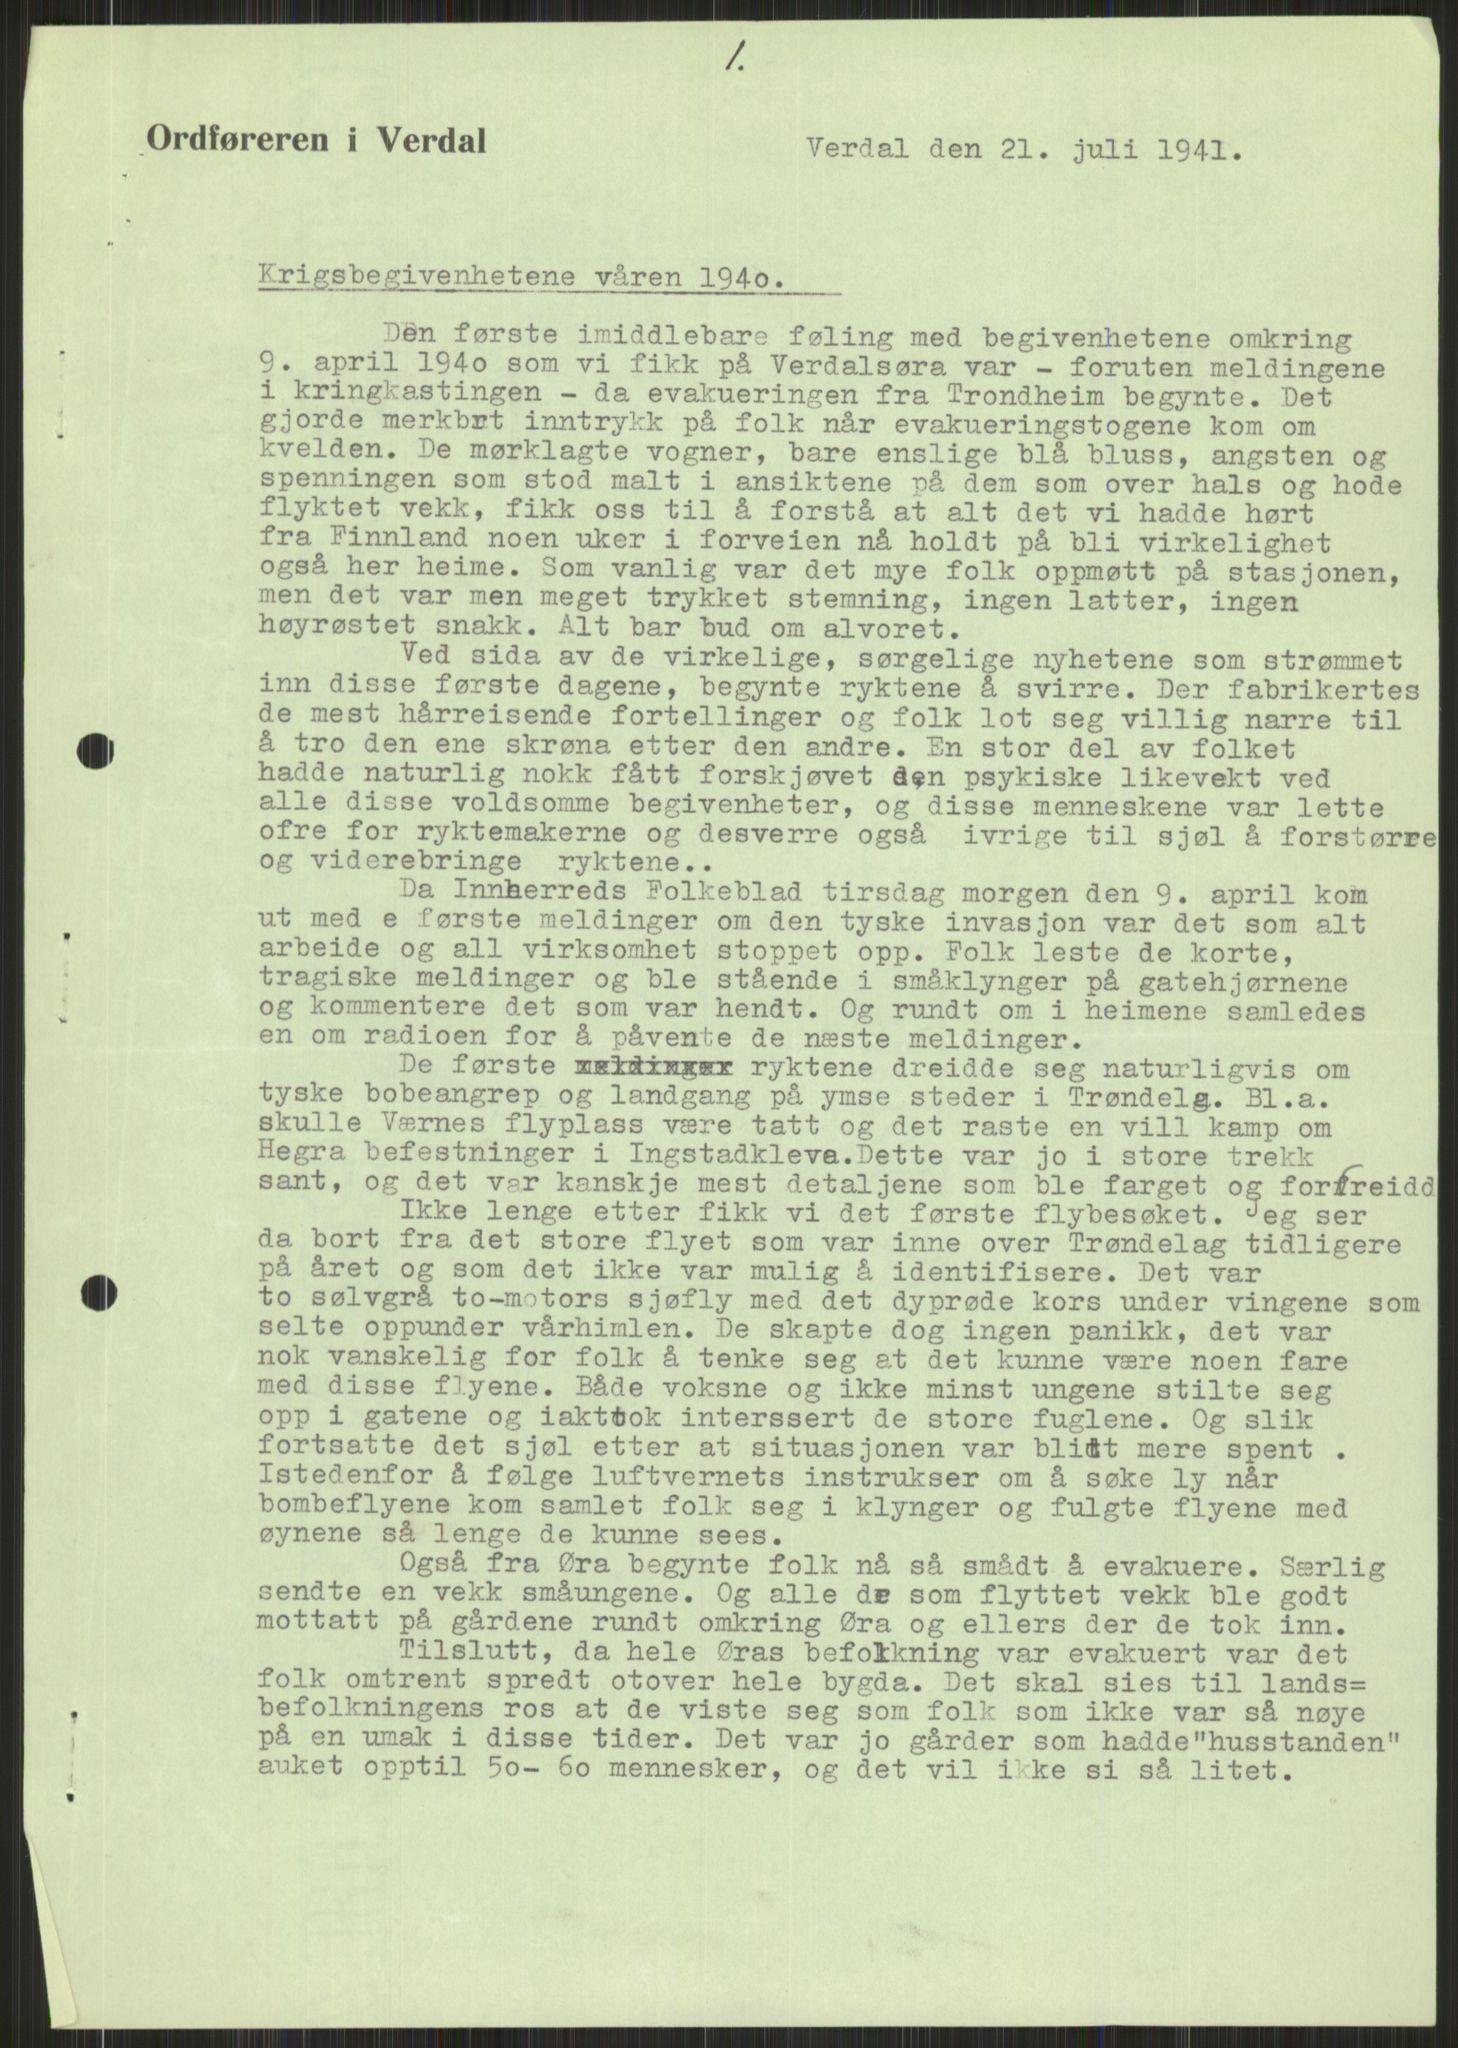 RA, Forsvaret, Forsvarets krigshistoriske avdeling, Y/Ya/L0016: II-C-11-31 - Fylkesmenn.  Rapporter om krigsbegivenhetene 1940., 1940, s. 593